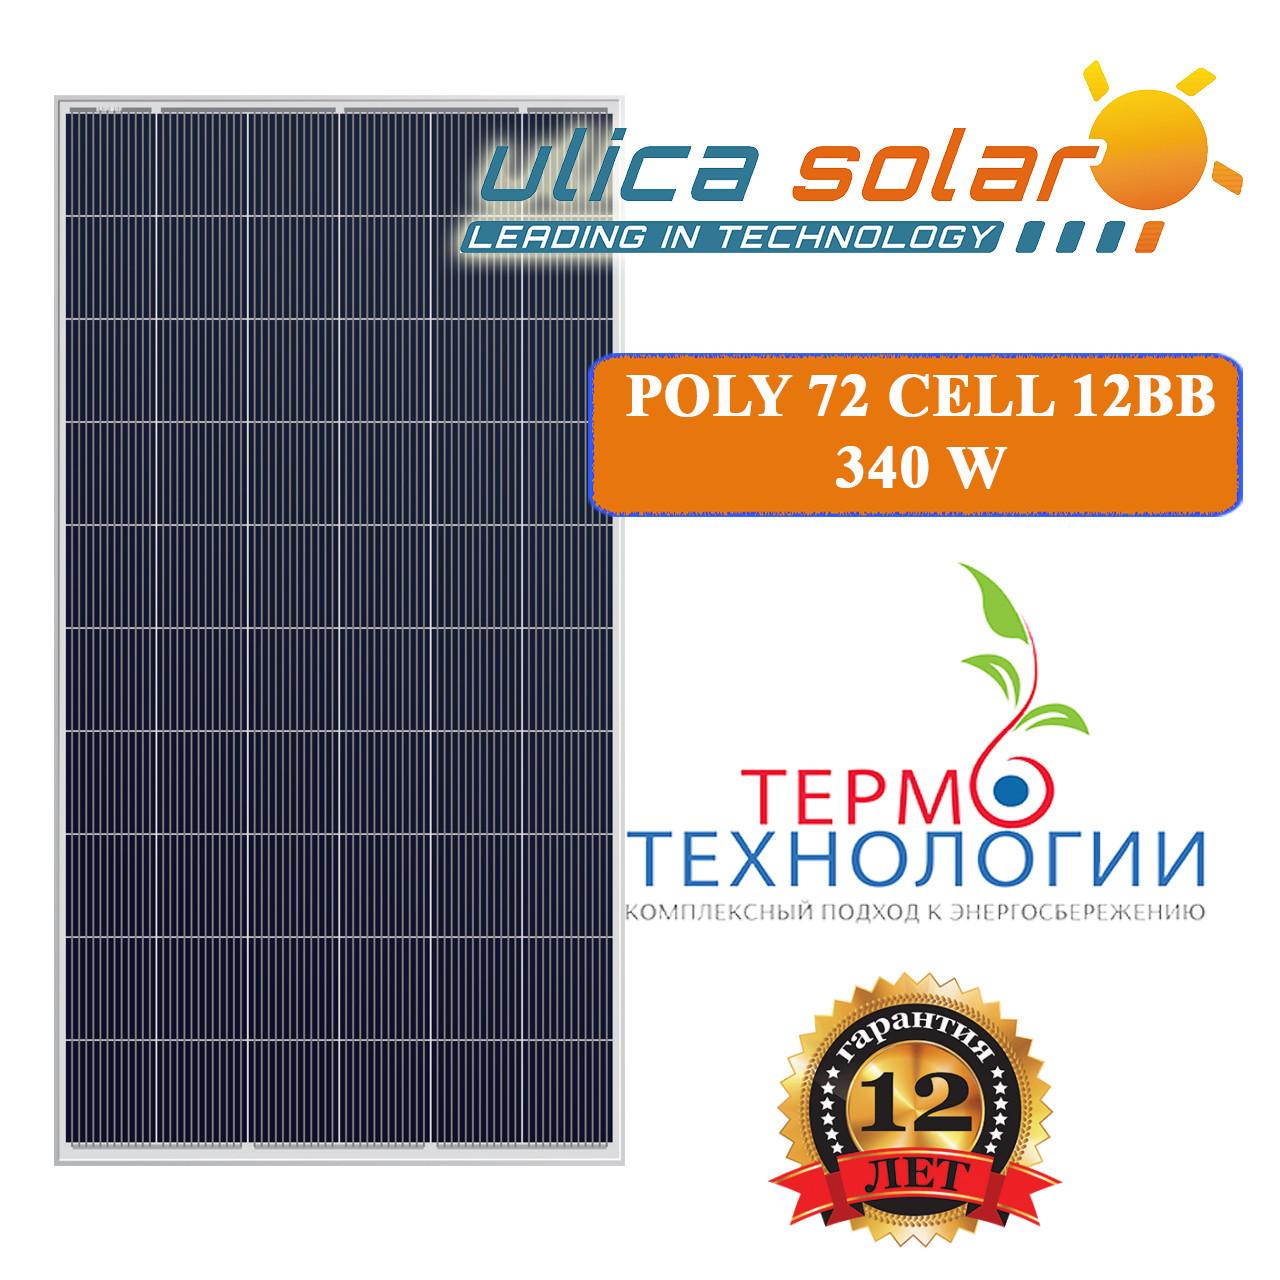 Солнечная батарея Ulica Solar 340 Вт 12ВВ, Poly